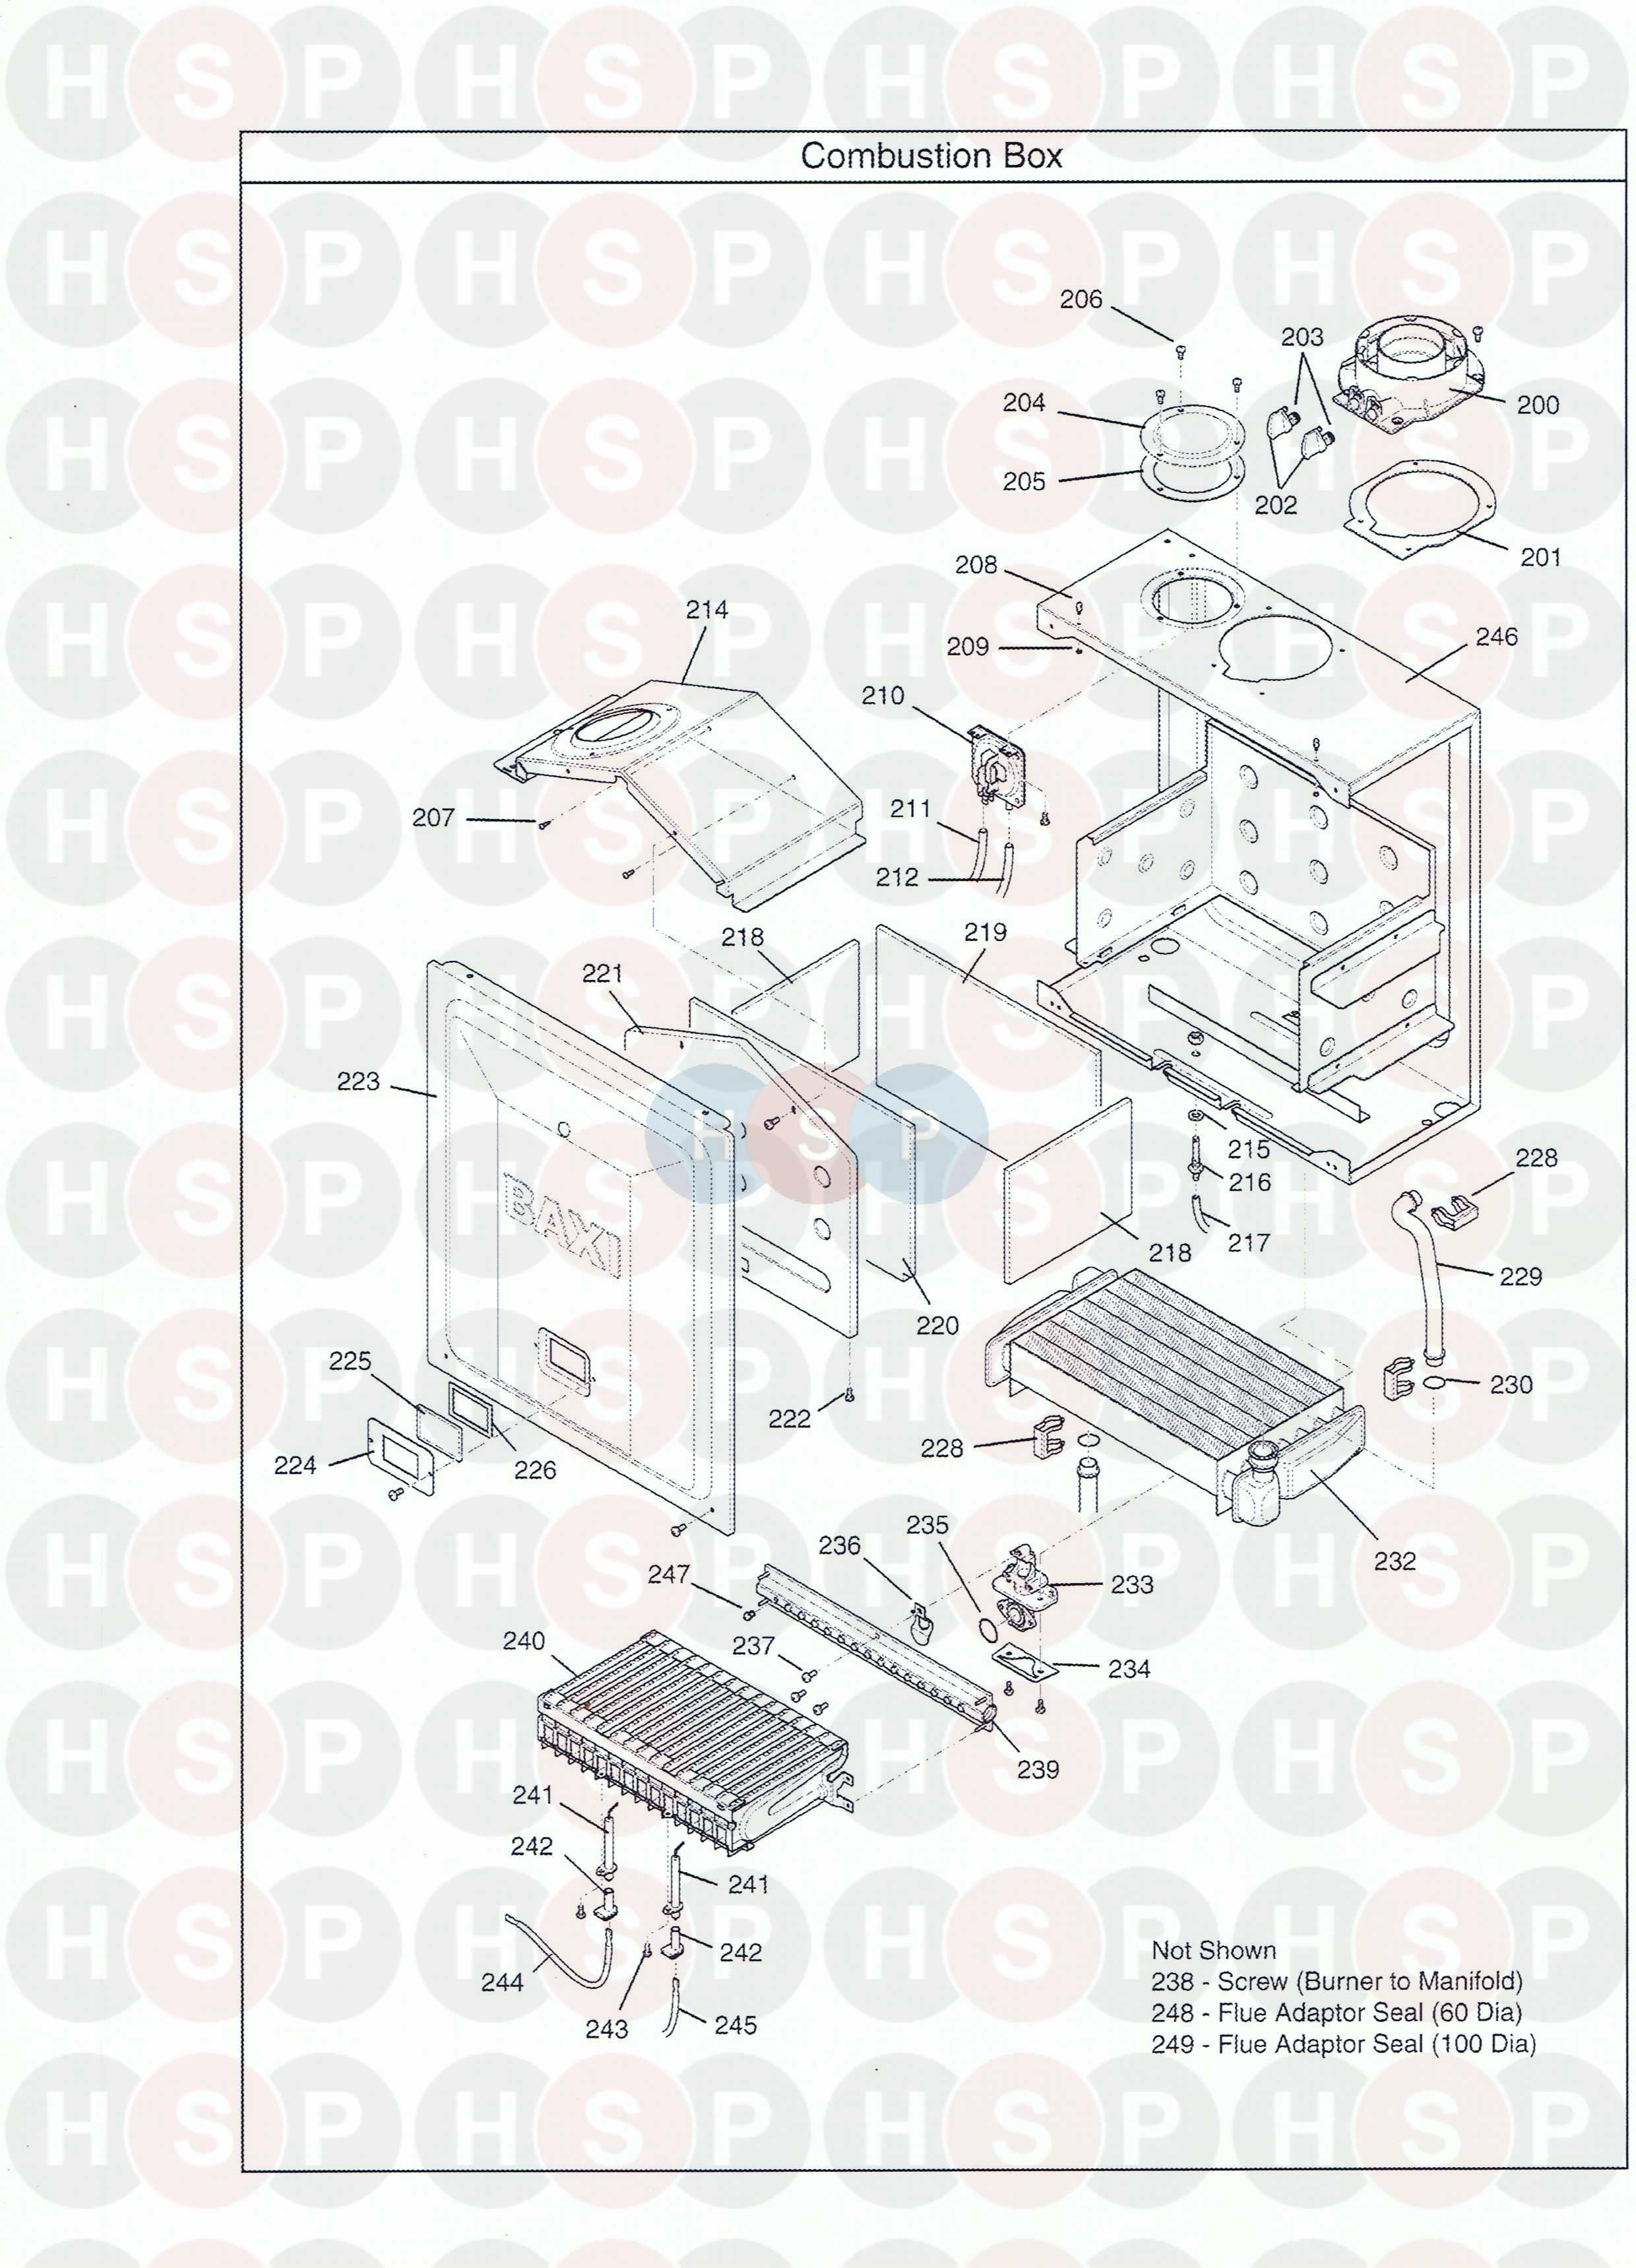 baxi combi instant 105e he appliance diagram  combustion